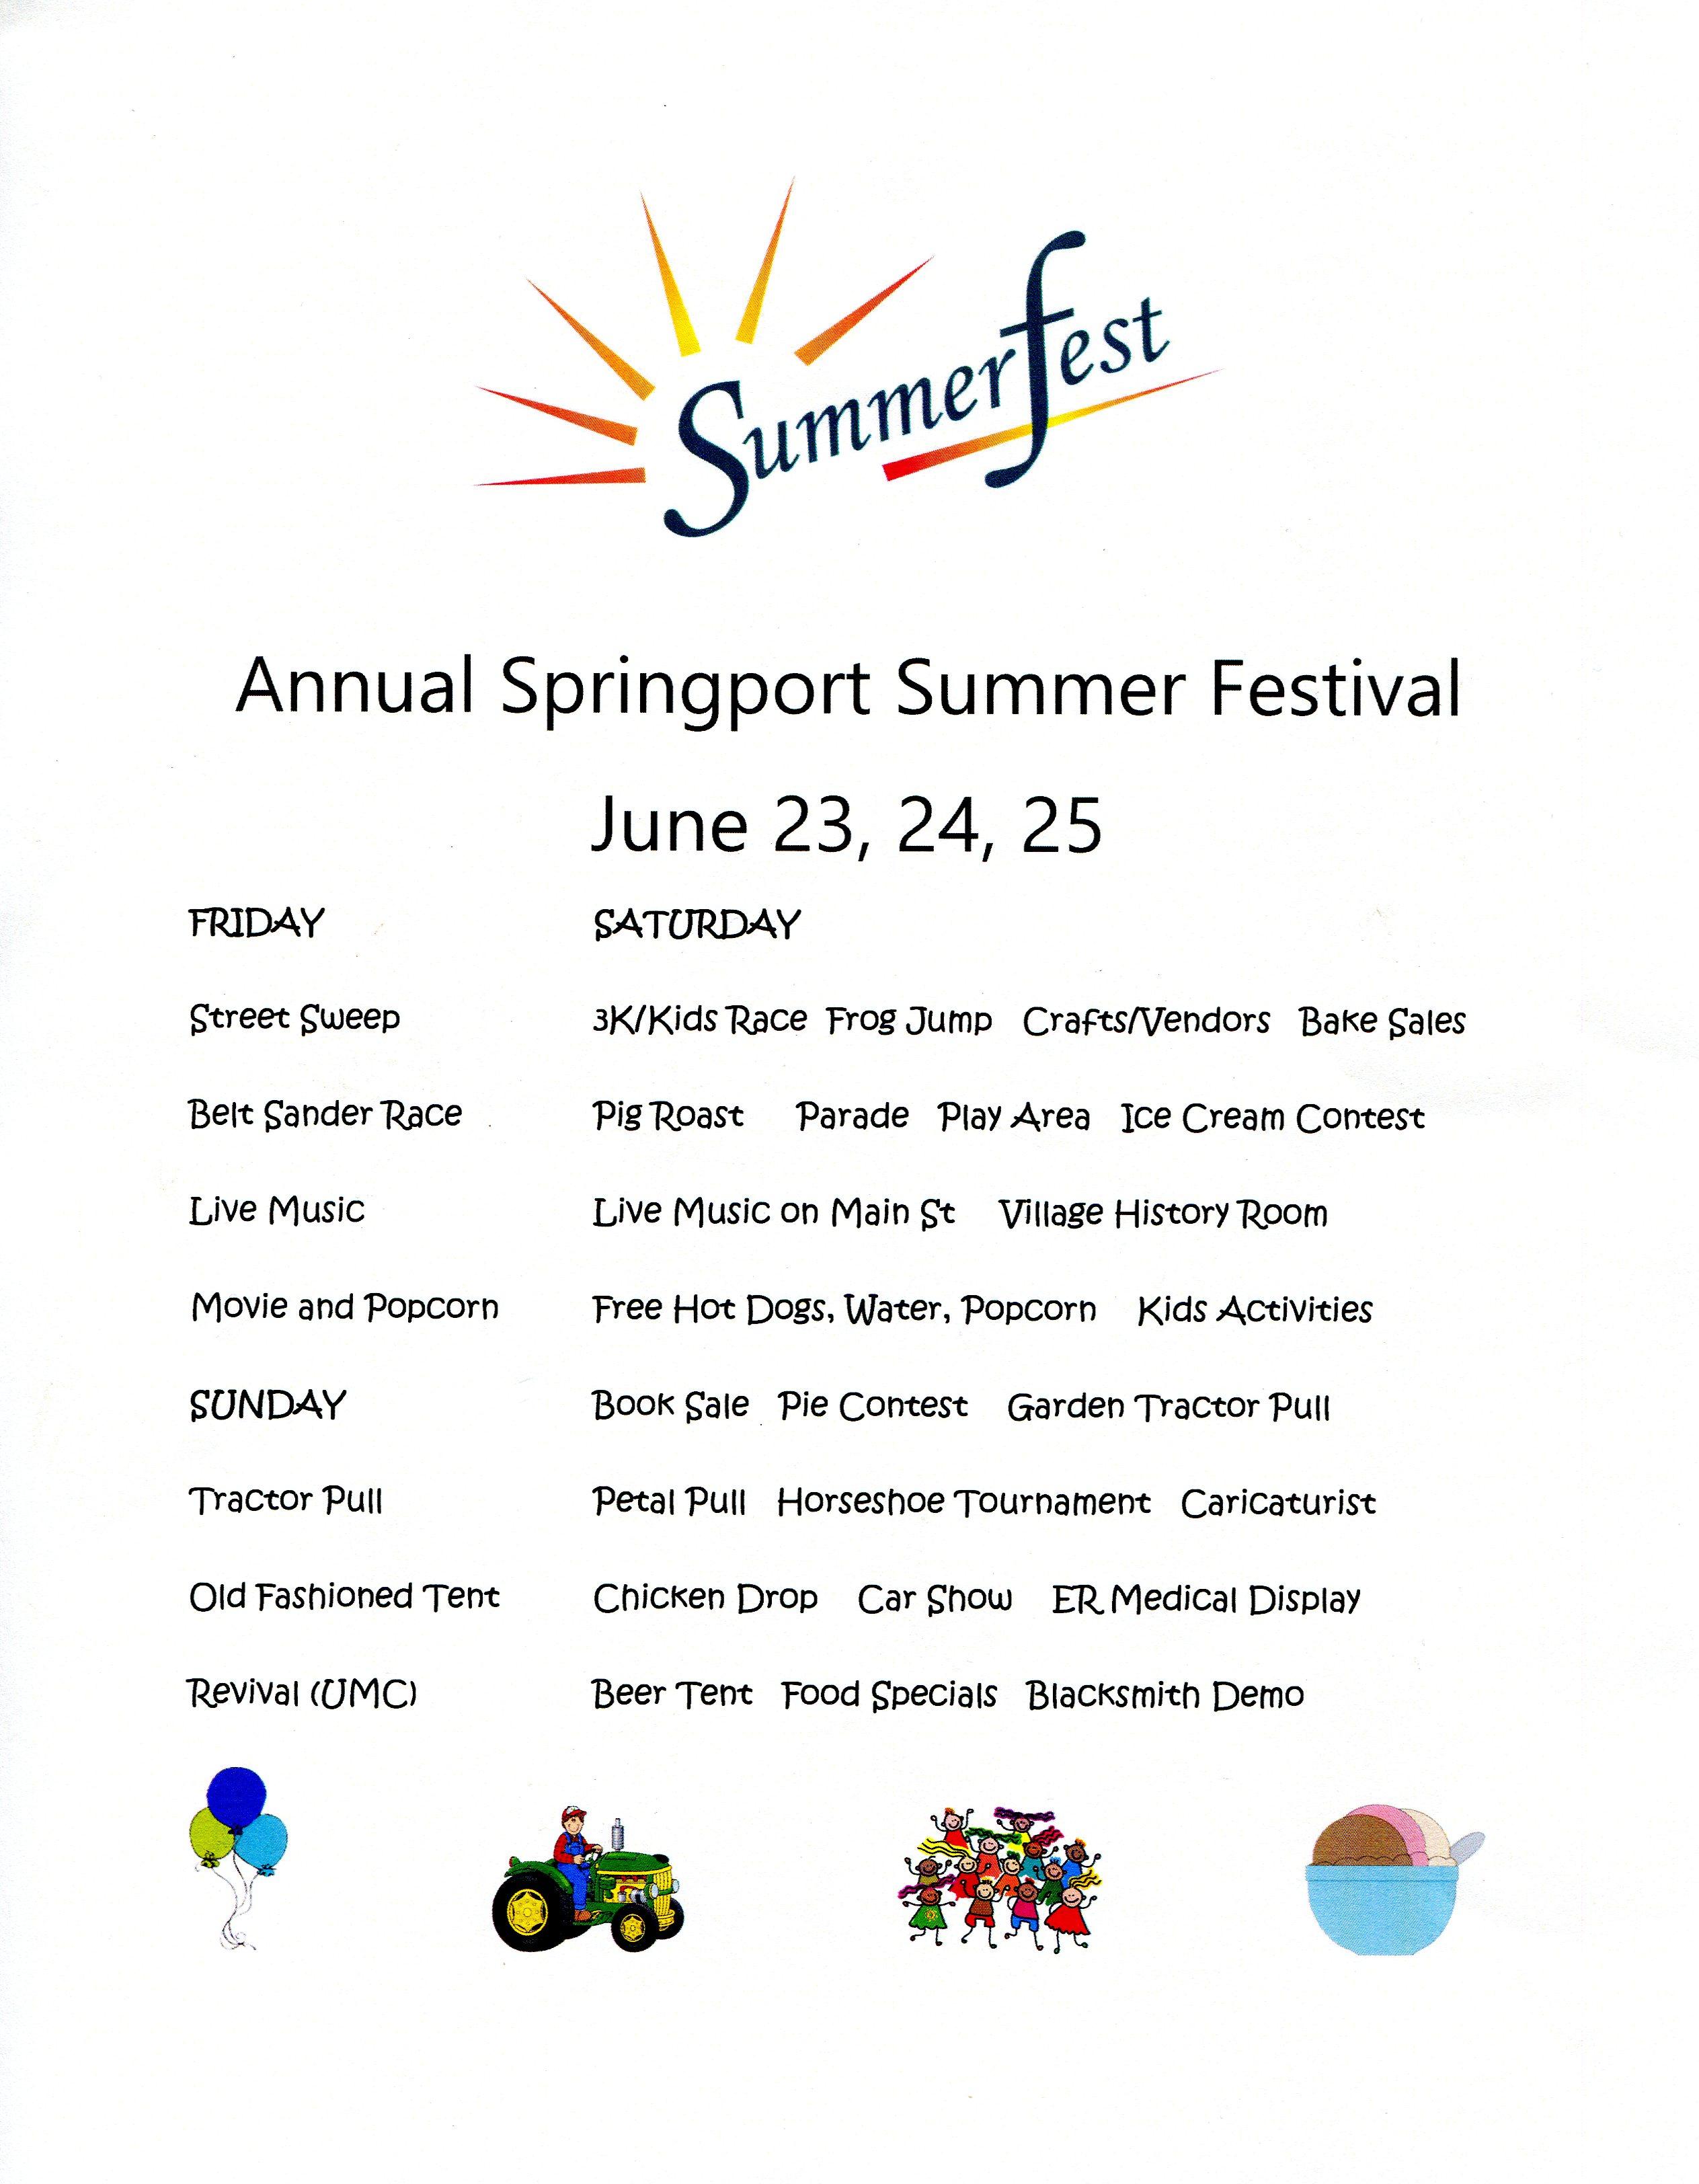 summerfest schedule